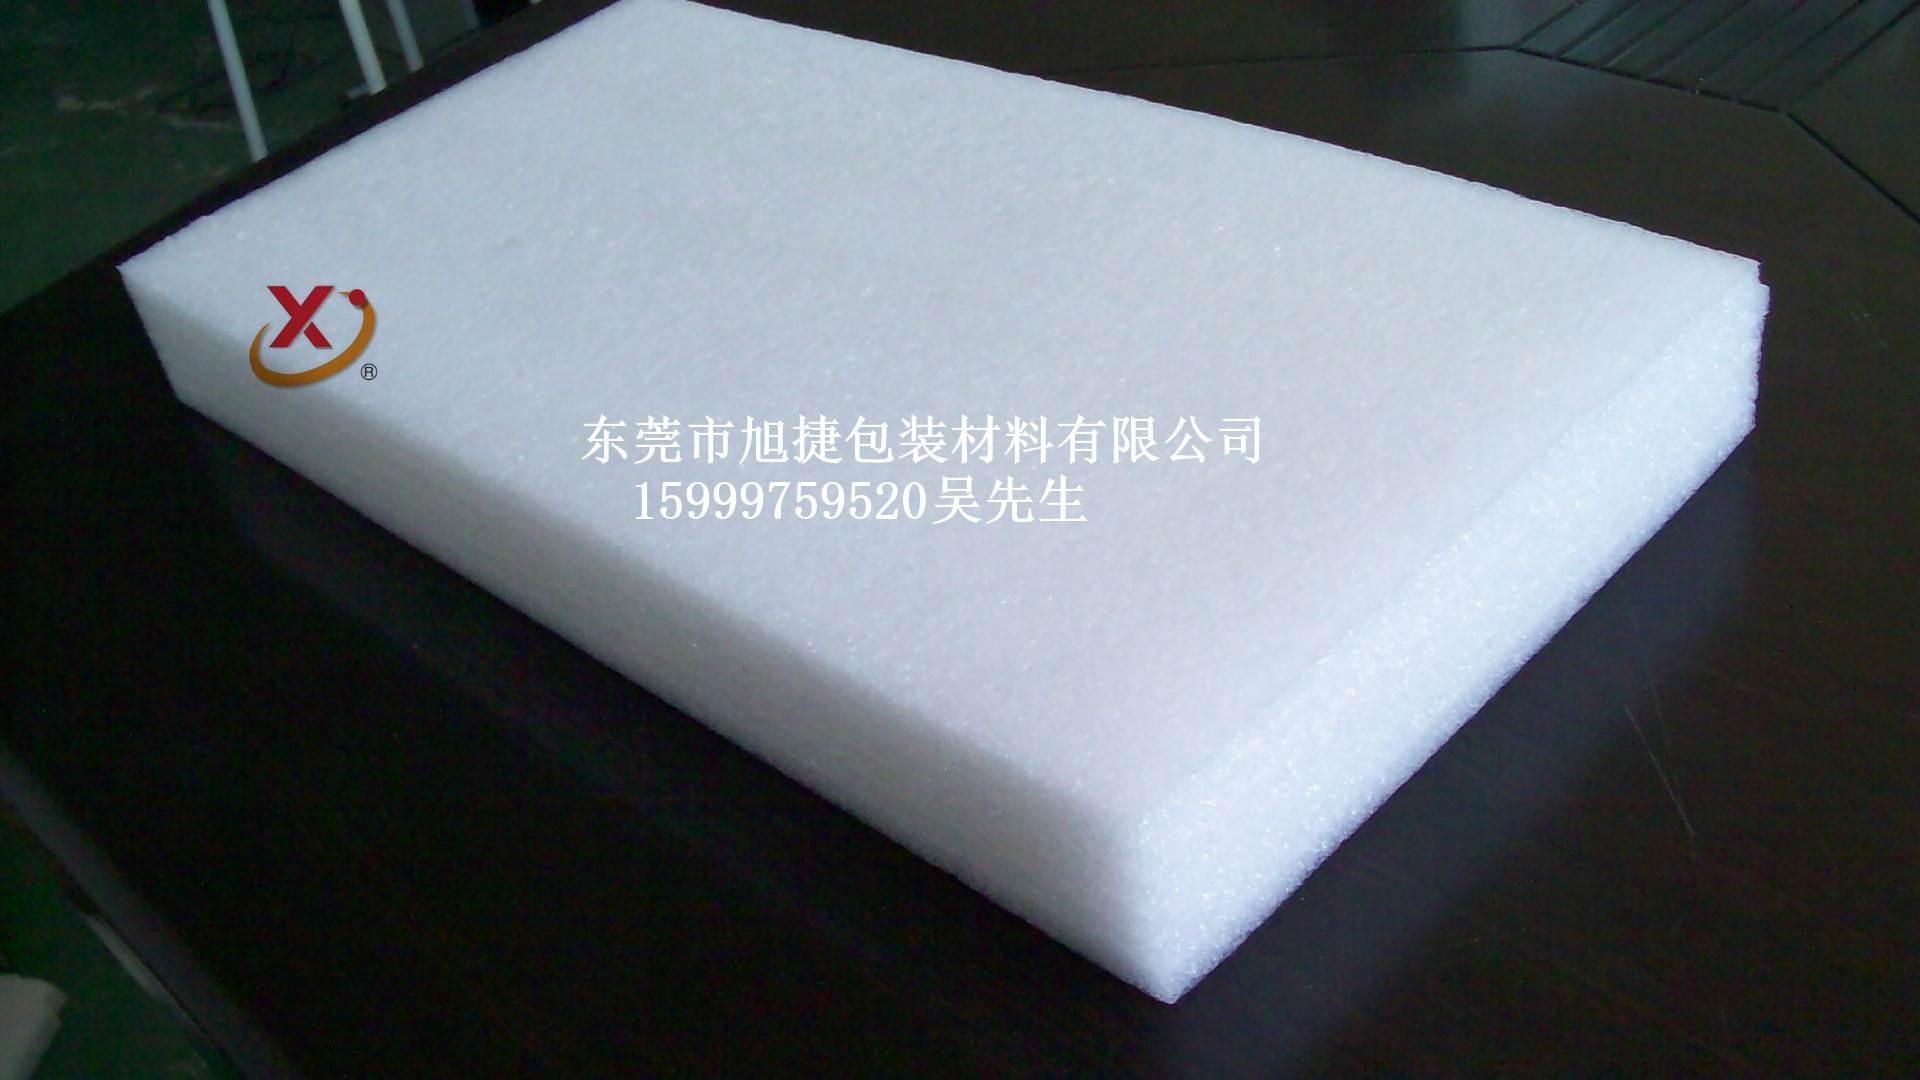 东莞石排优质环保珍珠棉推荐旭捷公司